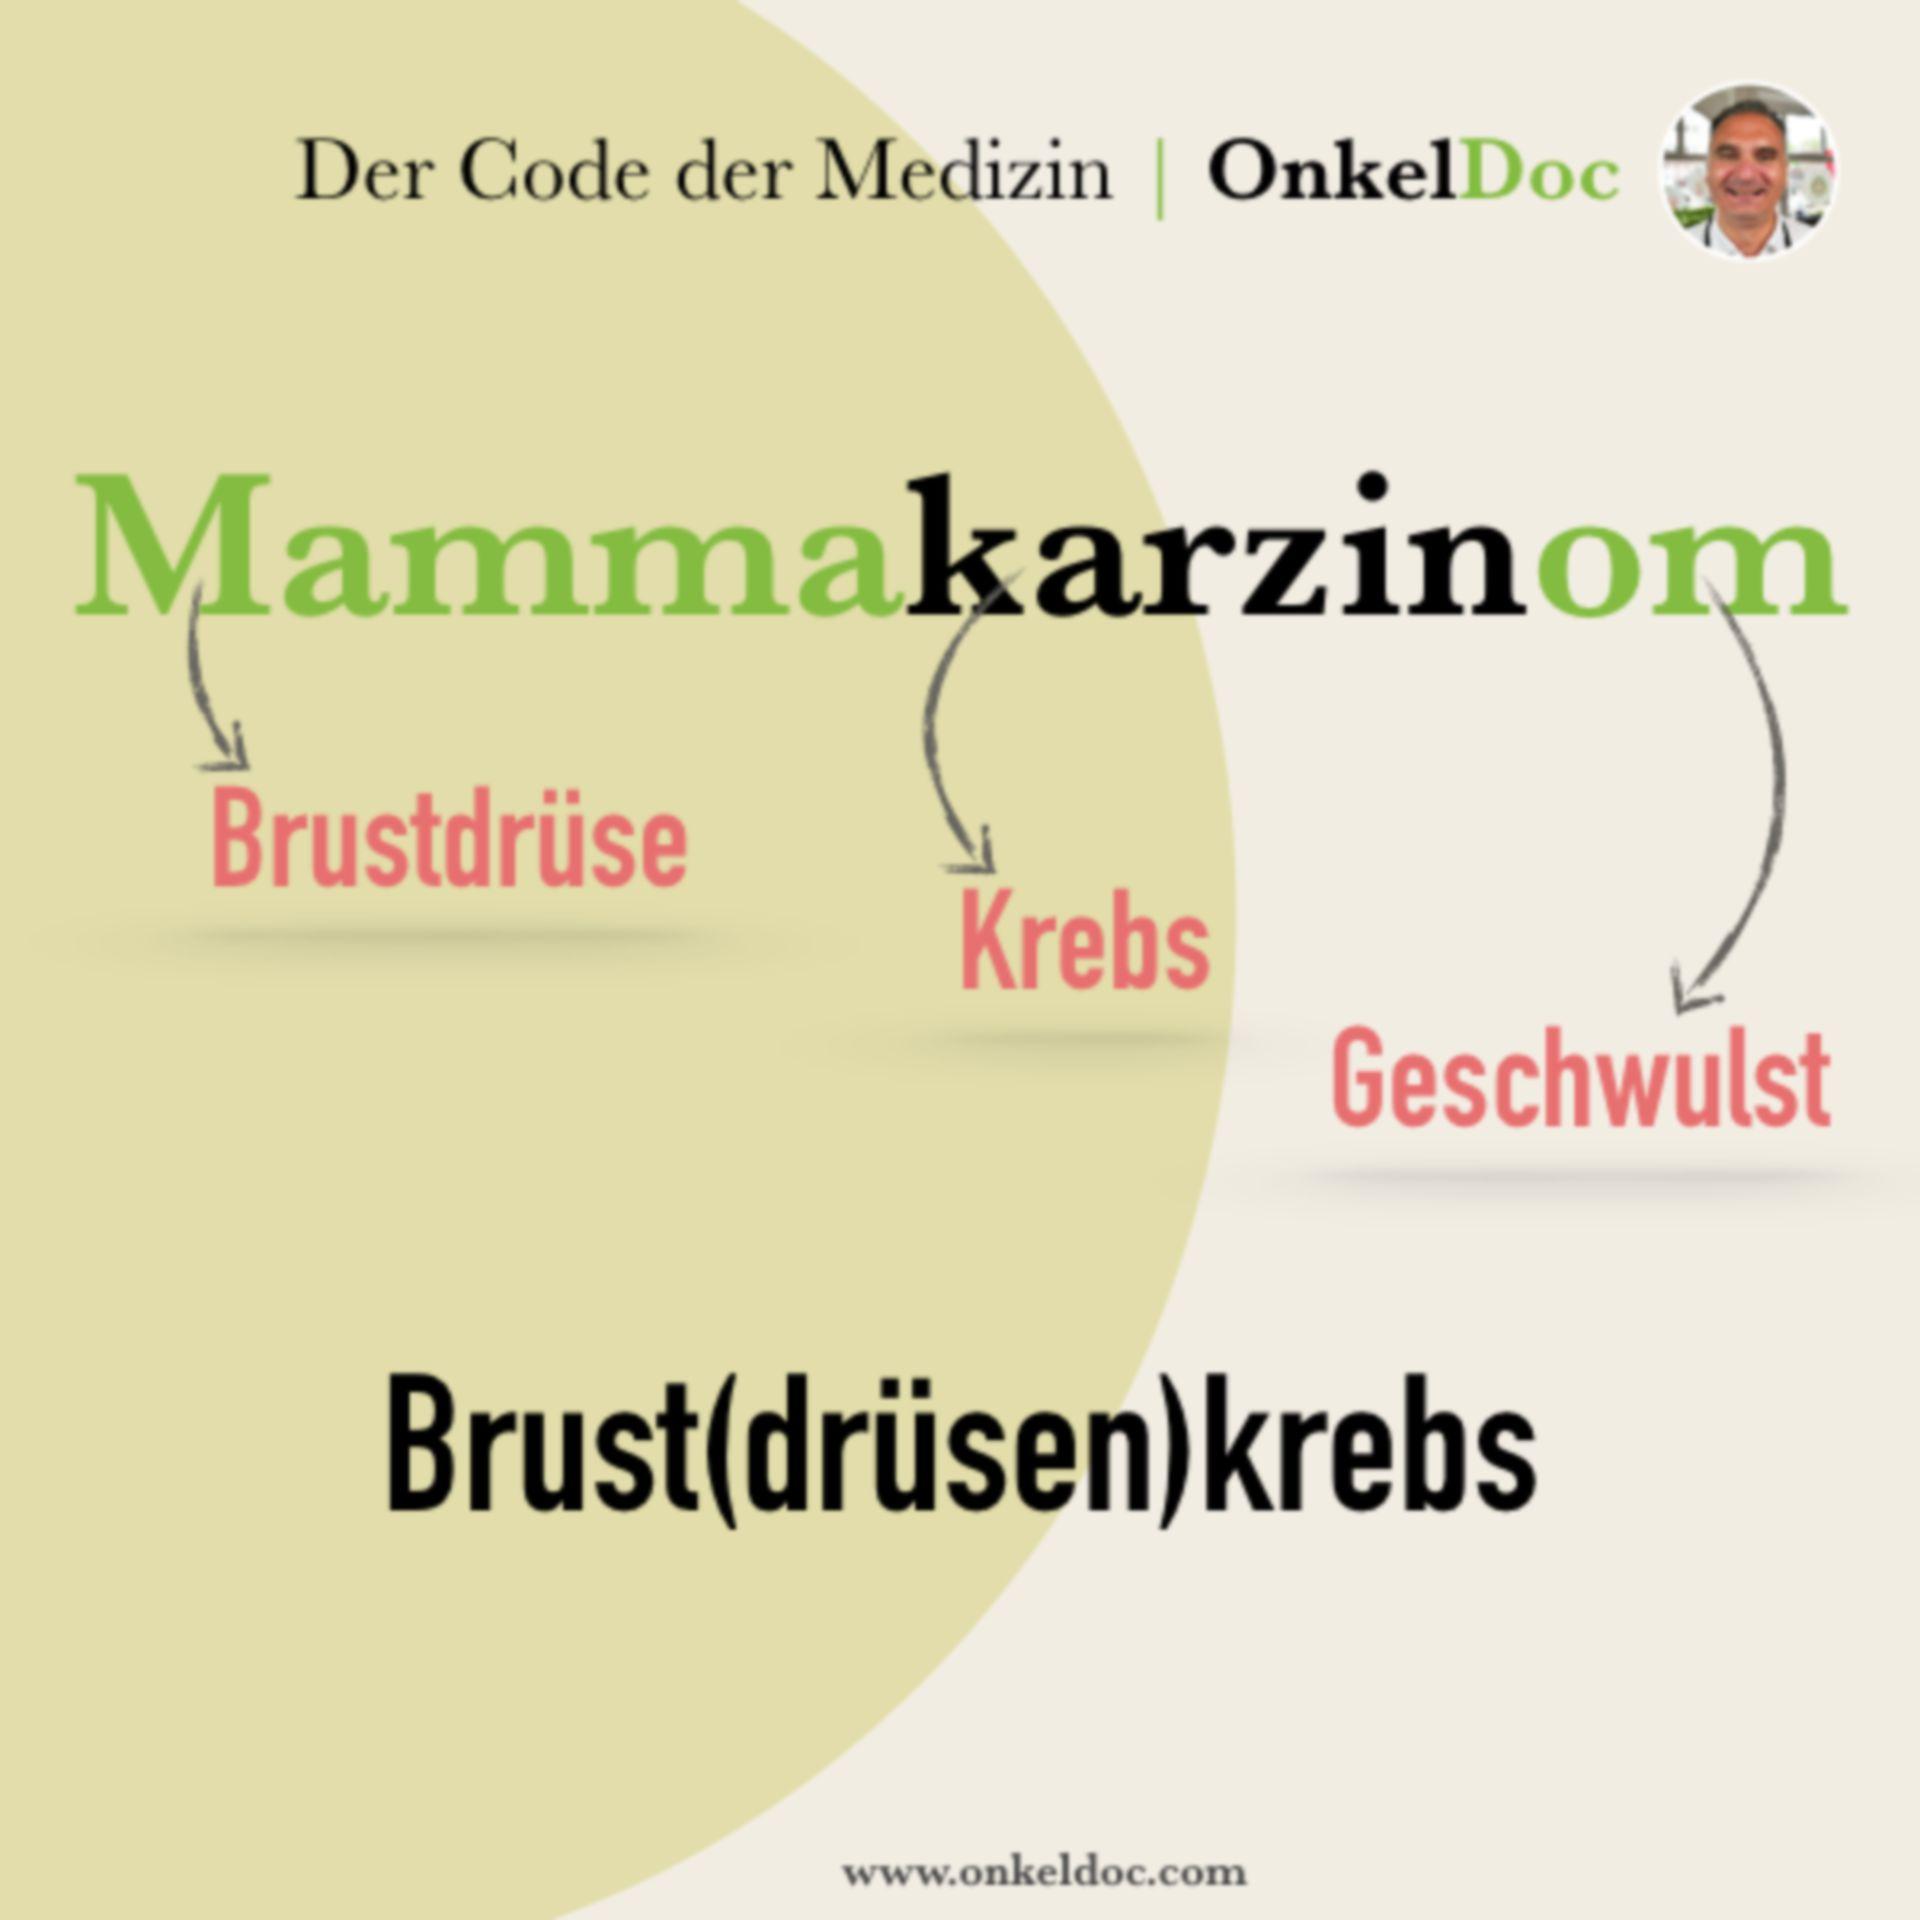 Der Code zum Mammakarzinom